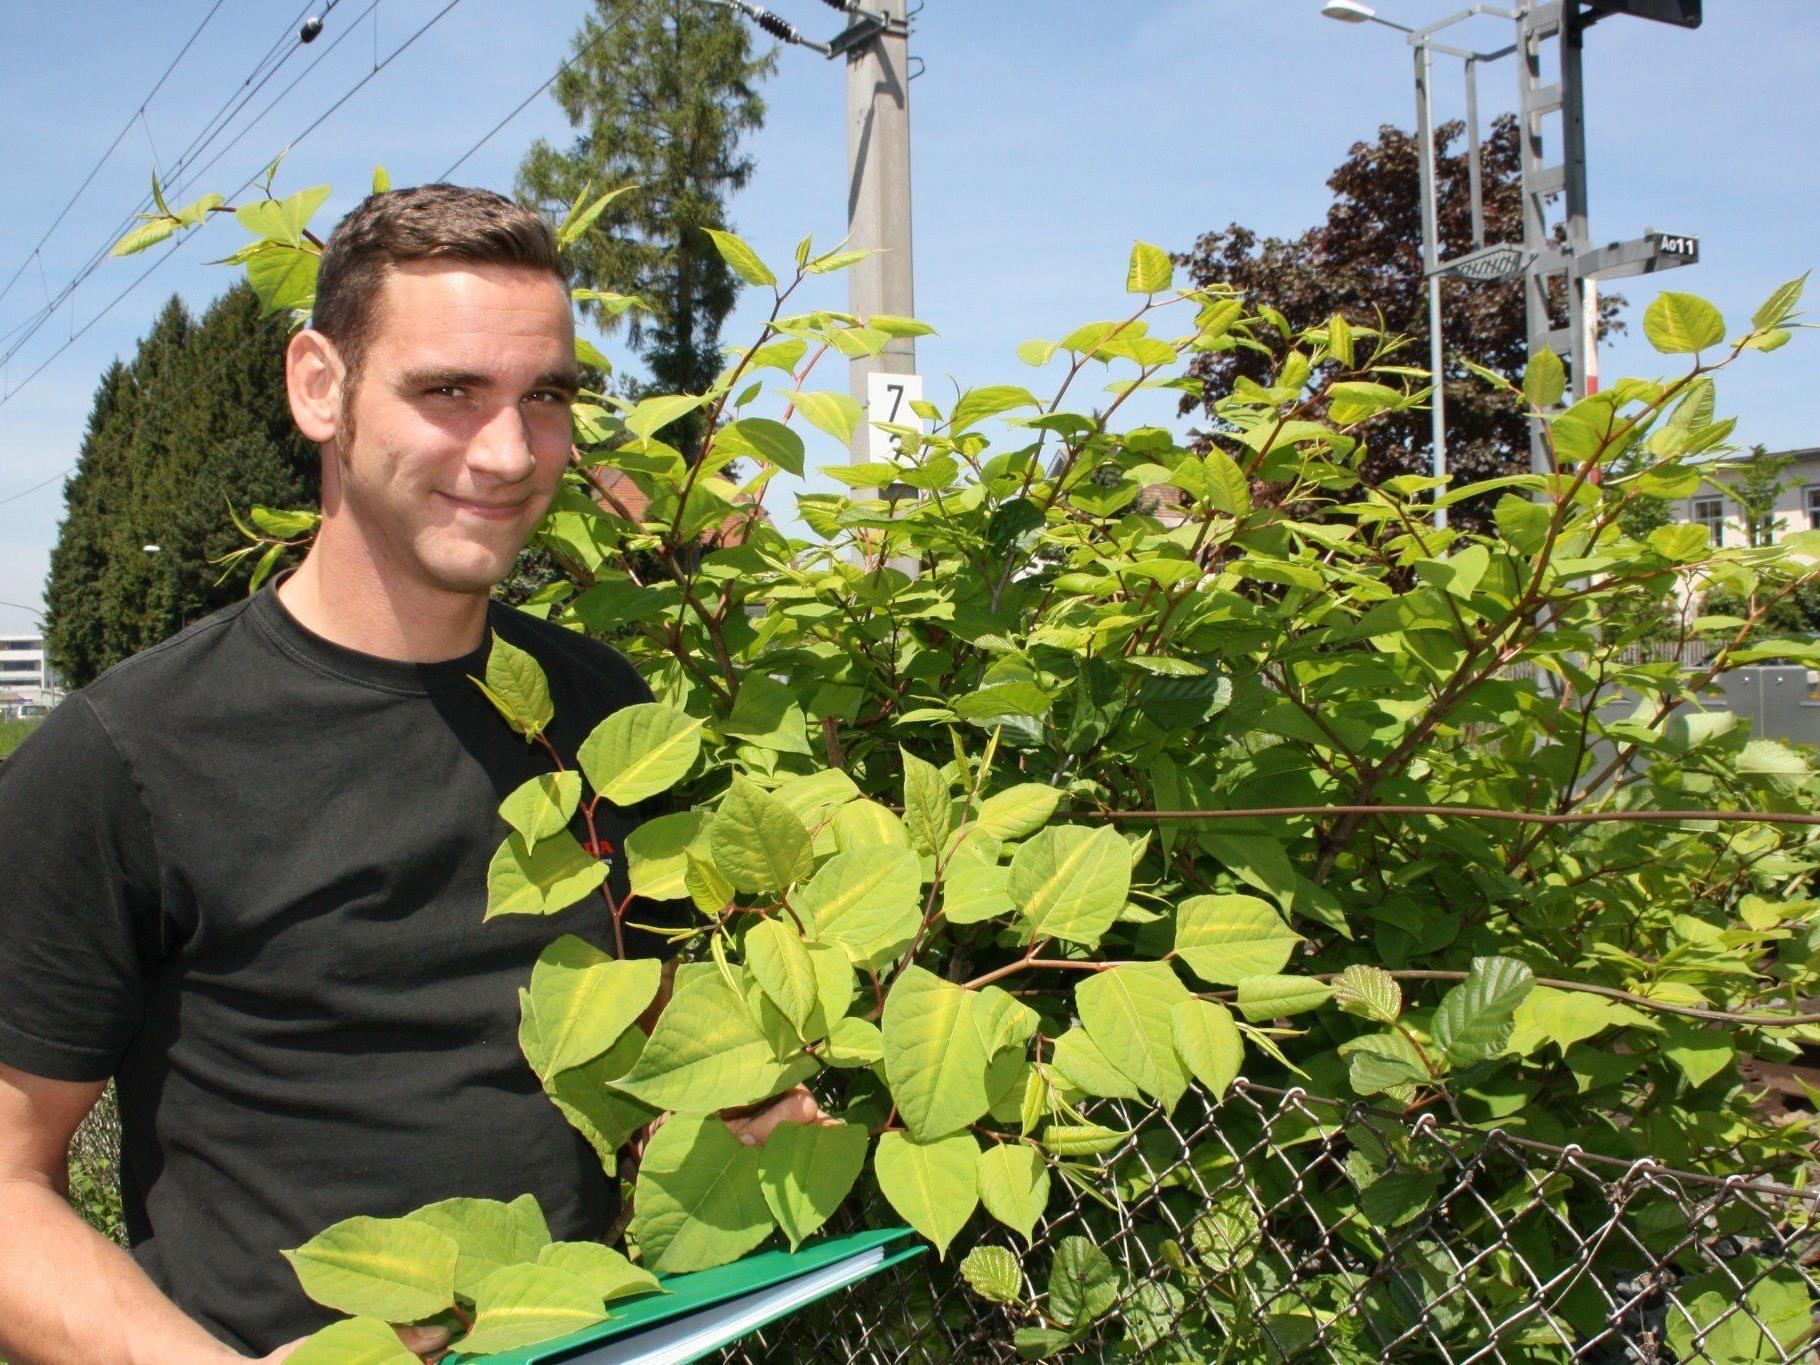 Landschaftsgärtner Michael Sinz vom Wirtschaftshof will im Kampf gegen die Neophyten (Japan-Knöterich u.a.) Akzente setzen.